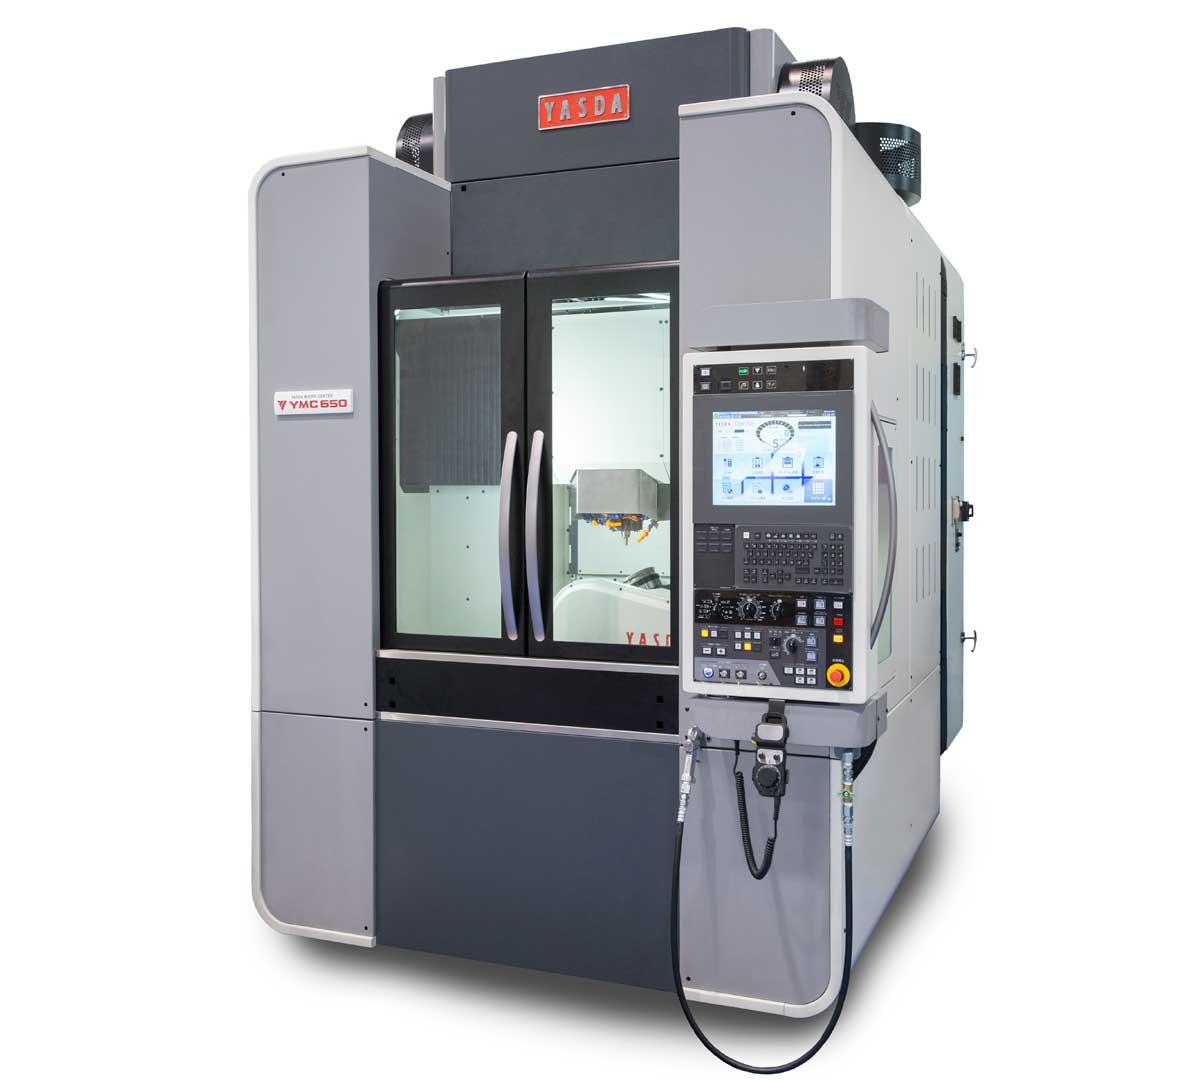 YASDA YMC650超微米加工中心機